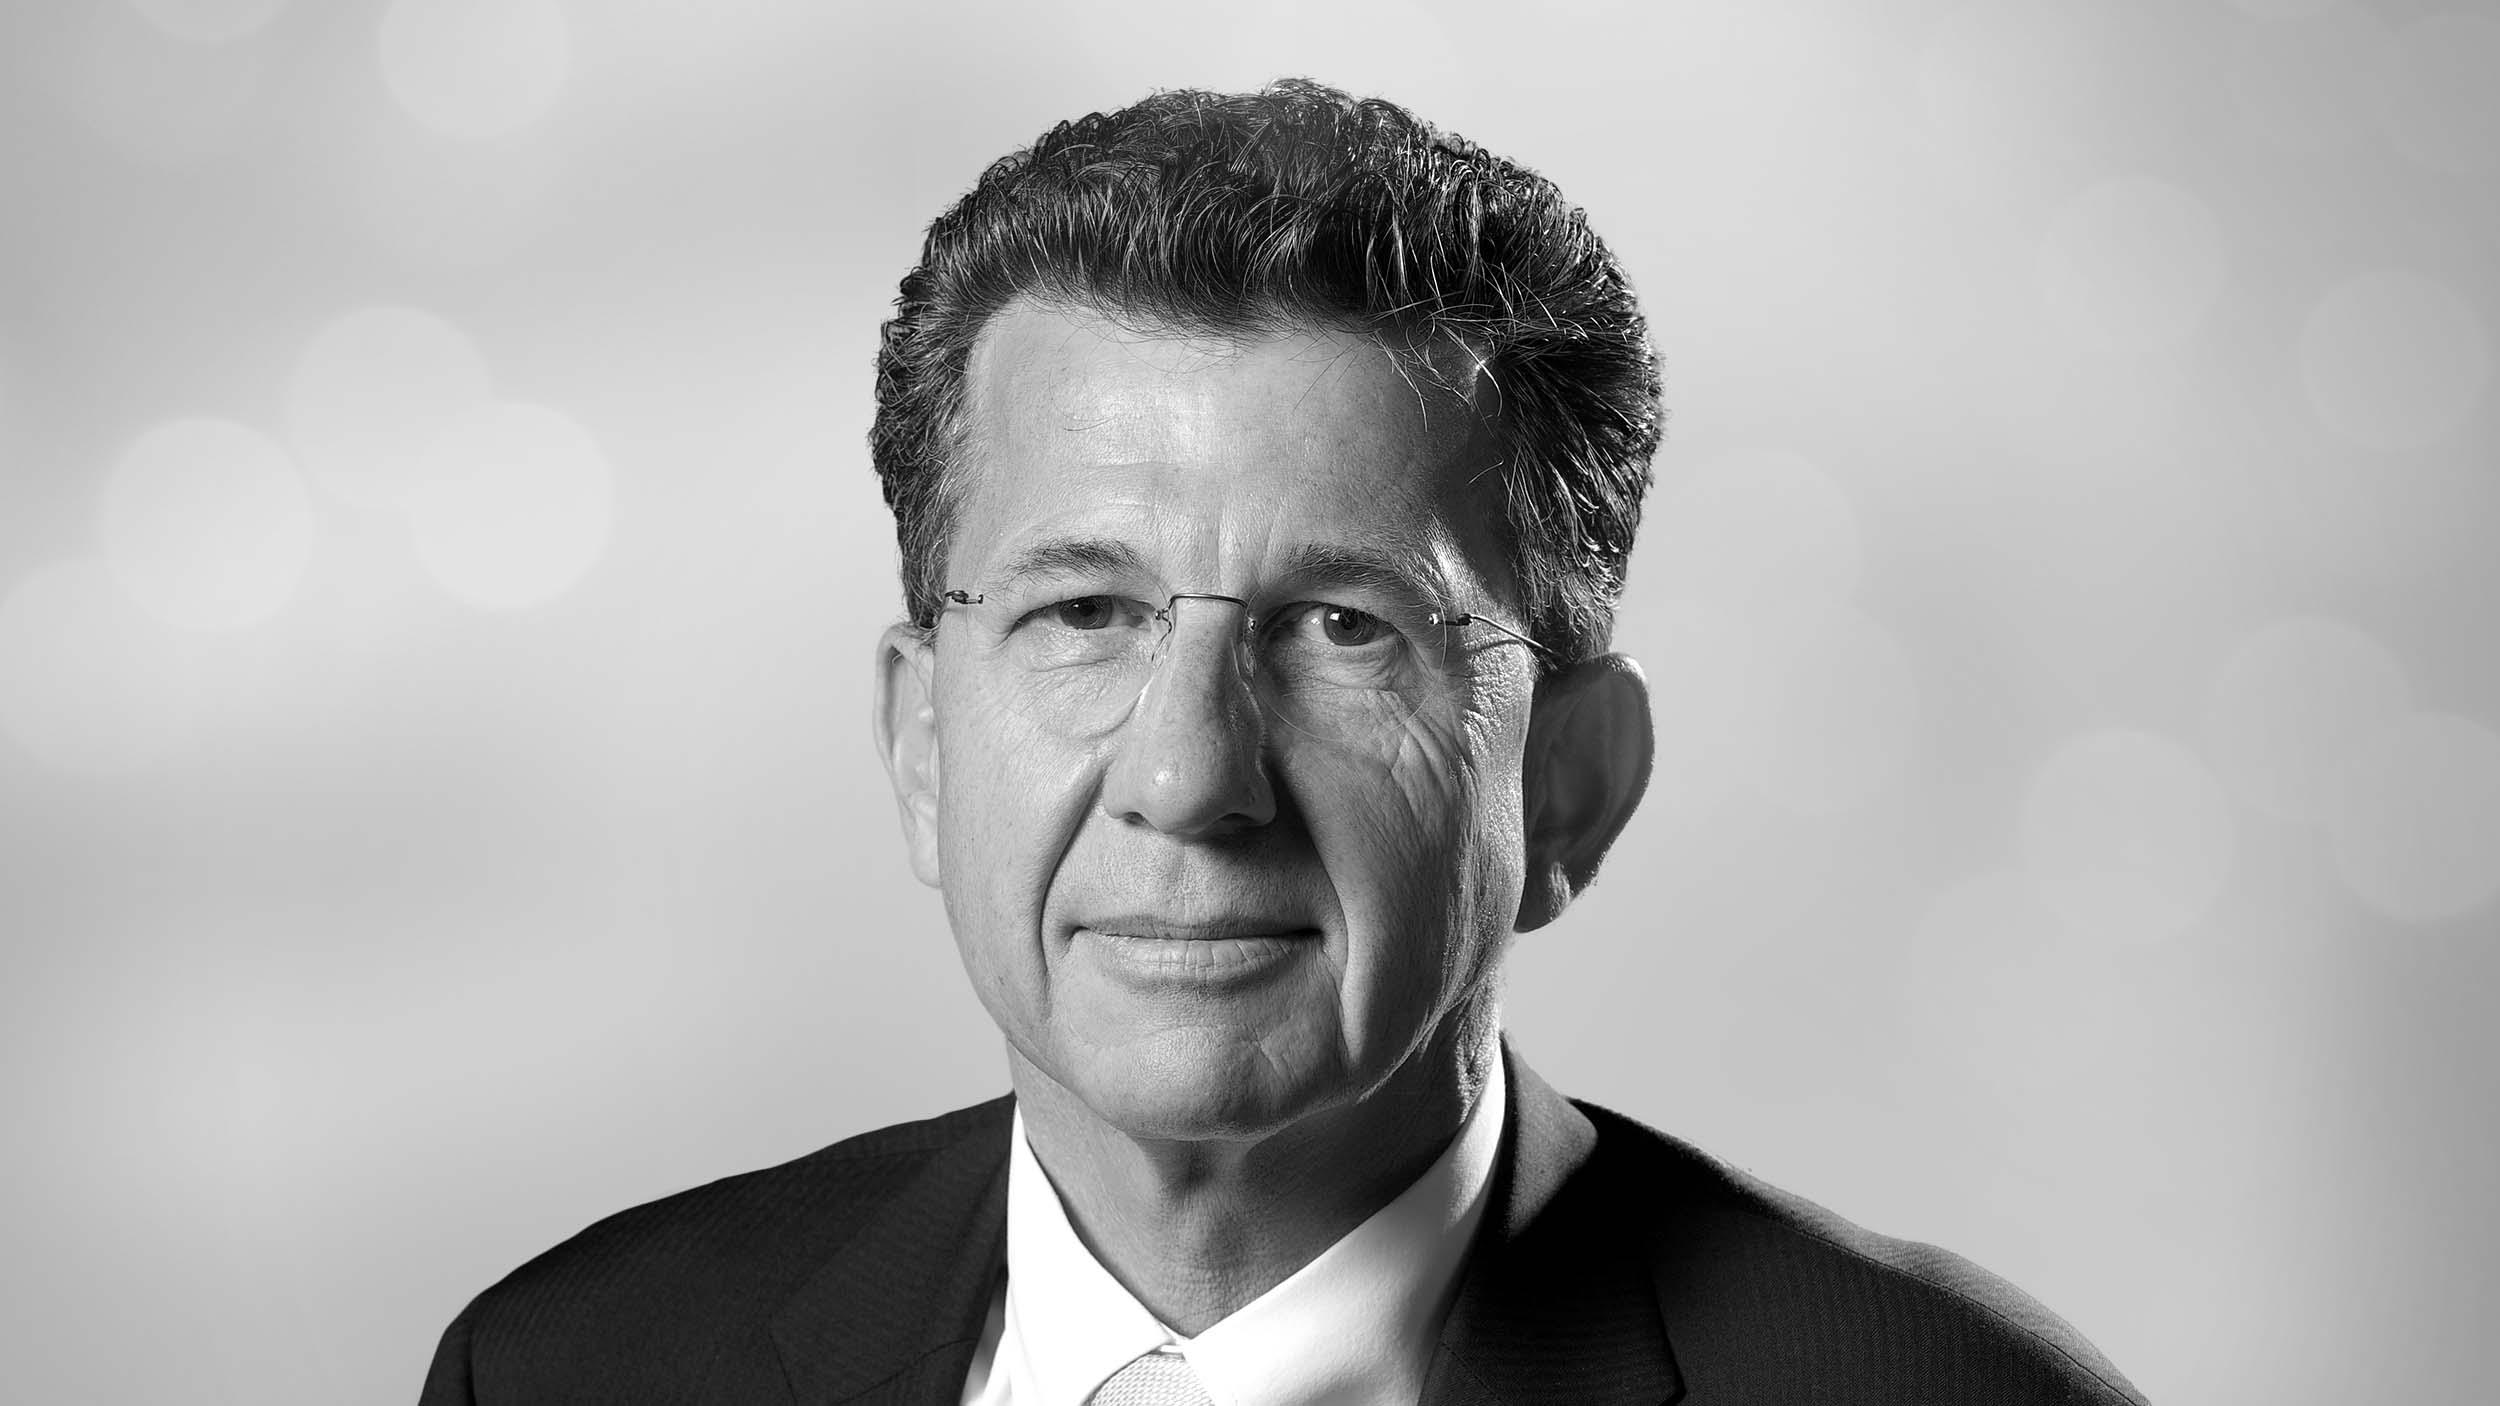 Renaud Vielfaure